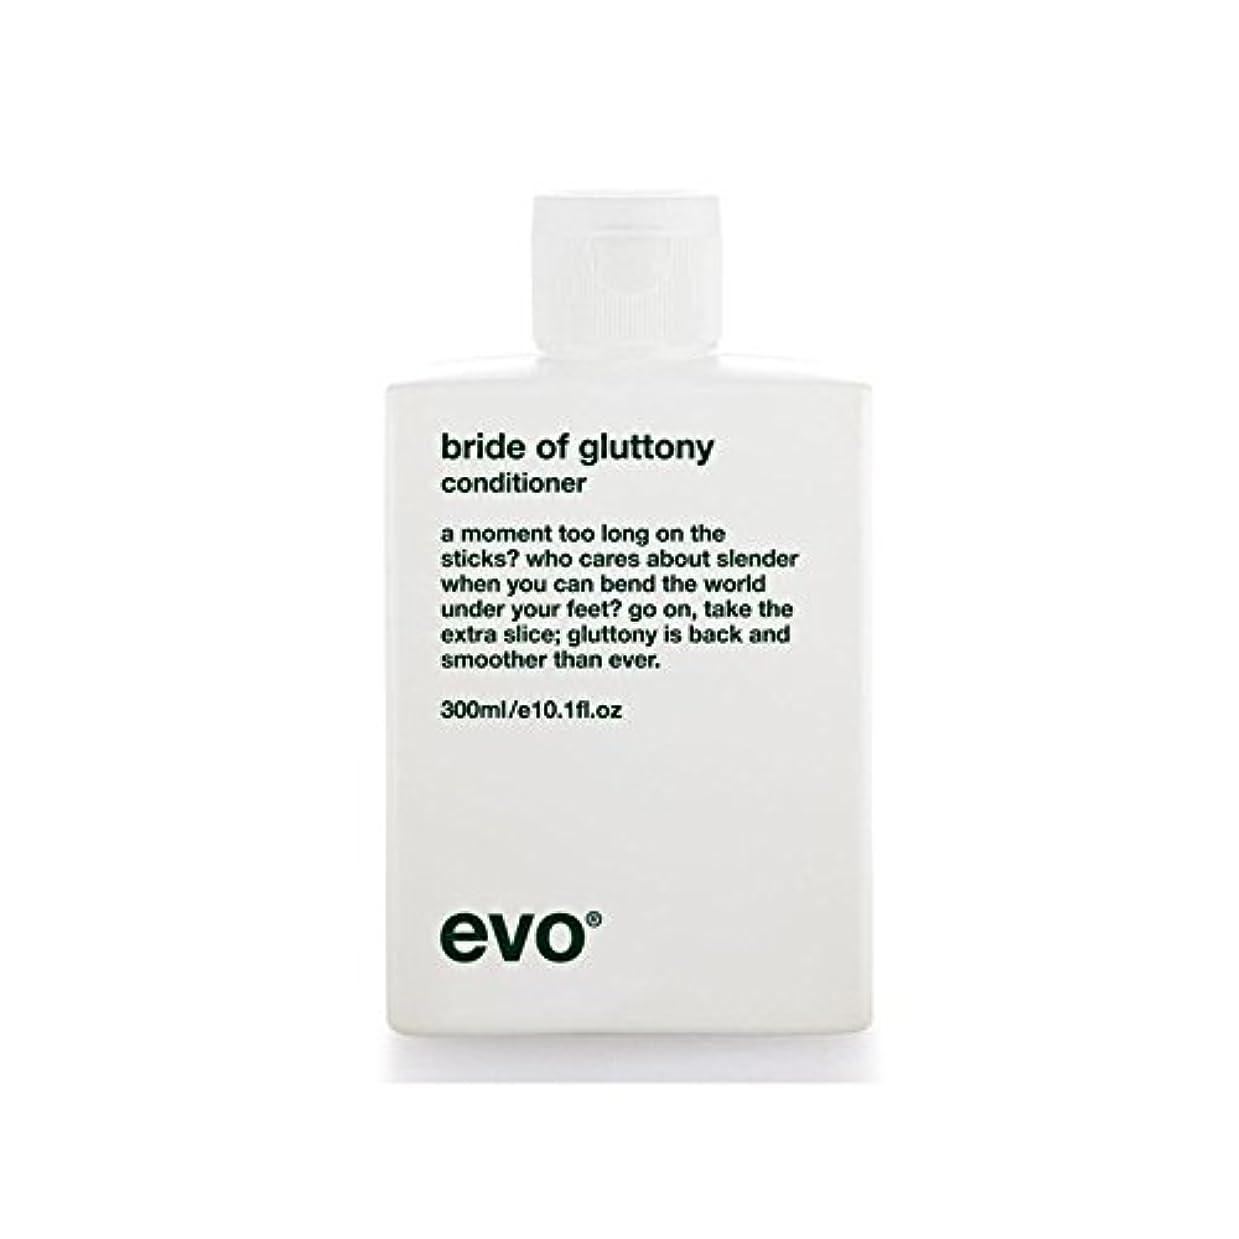 メディア時間とともに層飽食のボリュームコンディショナーのエボ花嫁 x4 - Evo Bride Of Gluttony Volume Conditioner (Pack of 4) [並行輸入品]